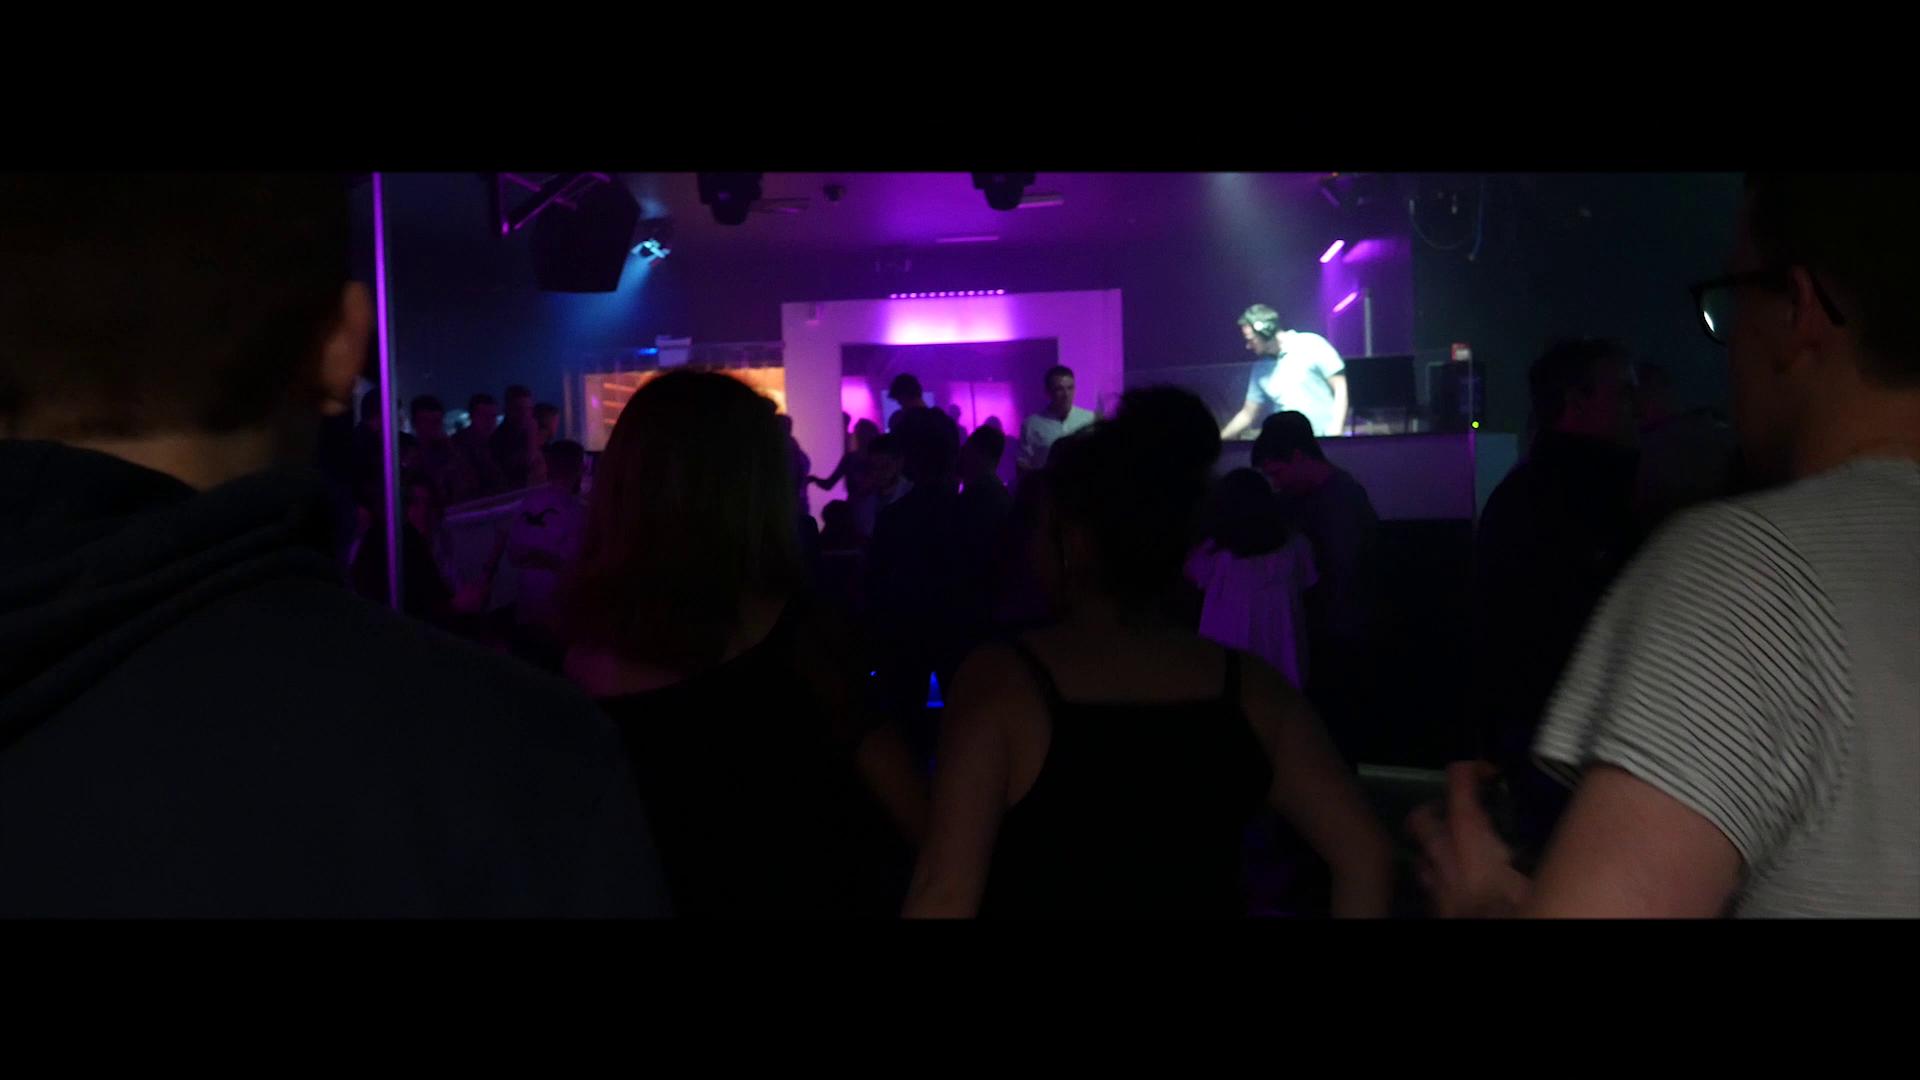 vlcsnap-2018-09-07-13h01m17s862